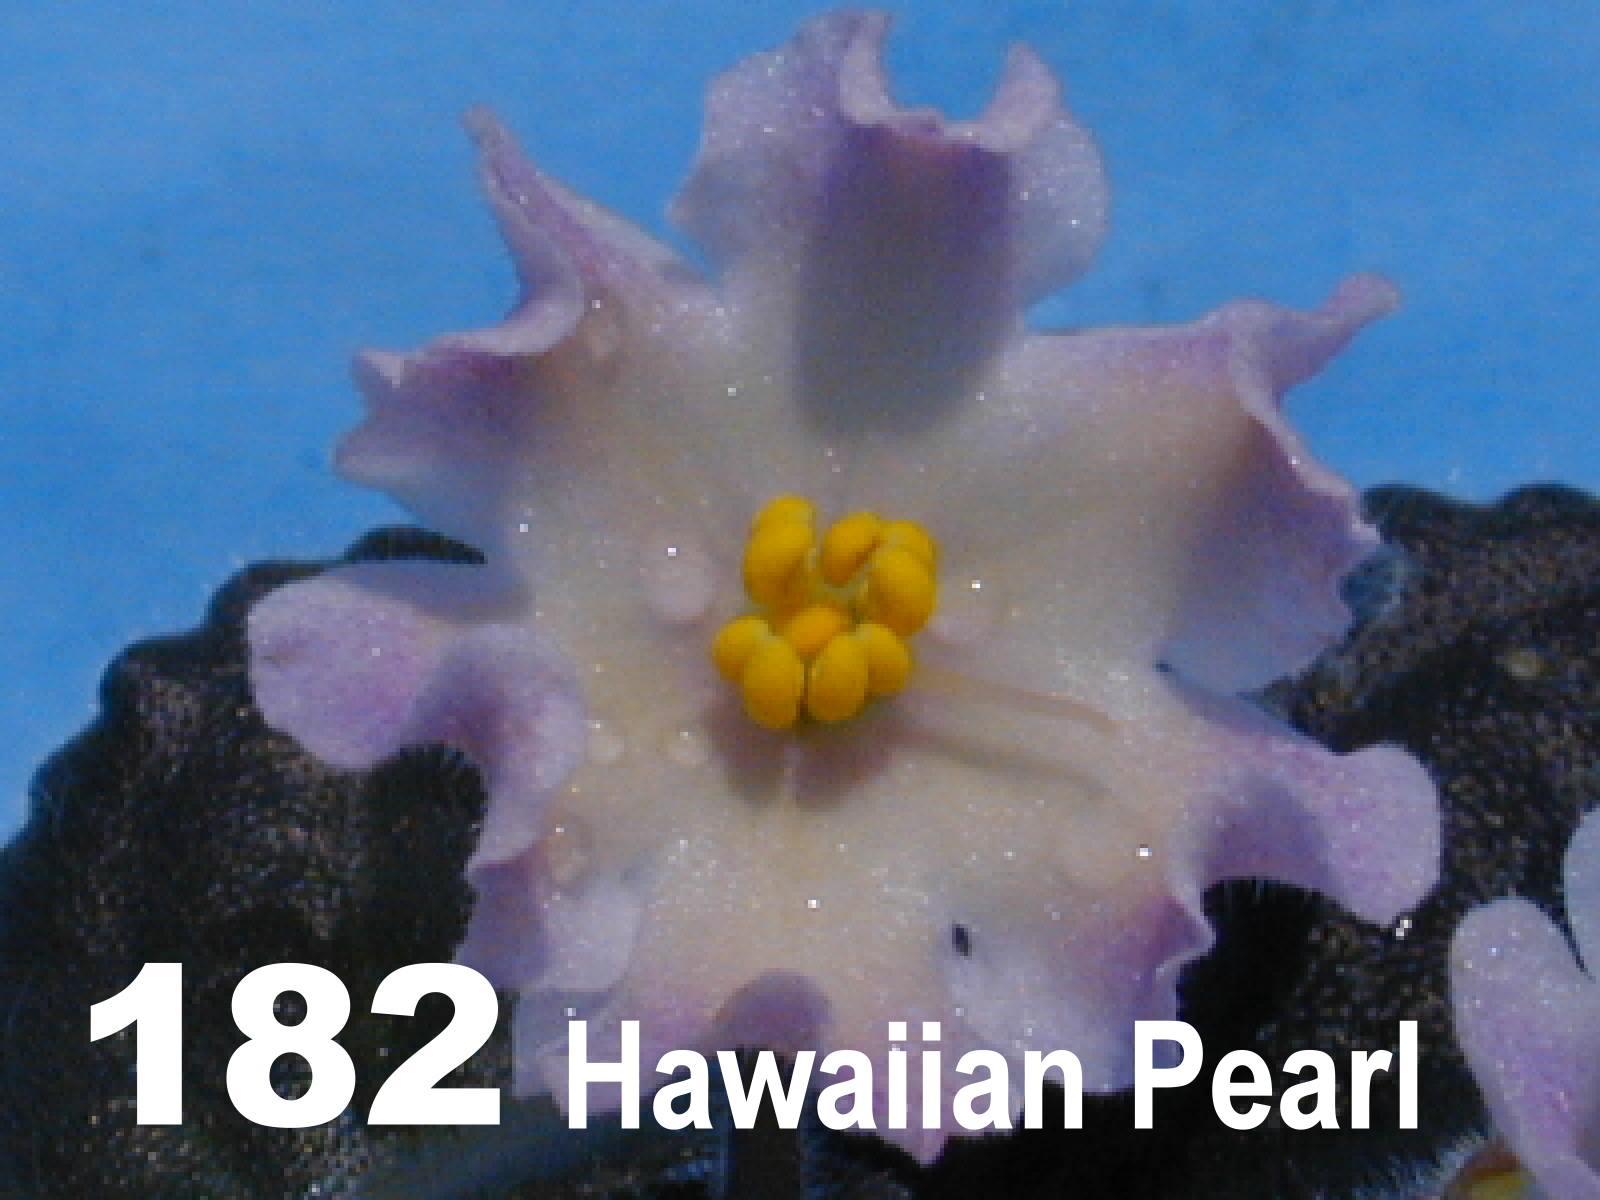 [182] Hawaiian Pearl 182